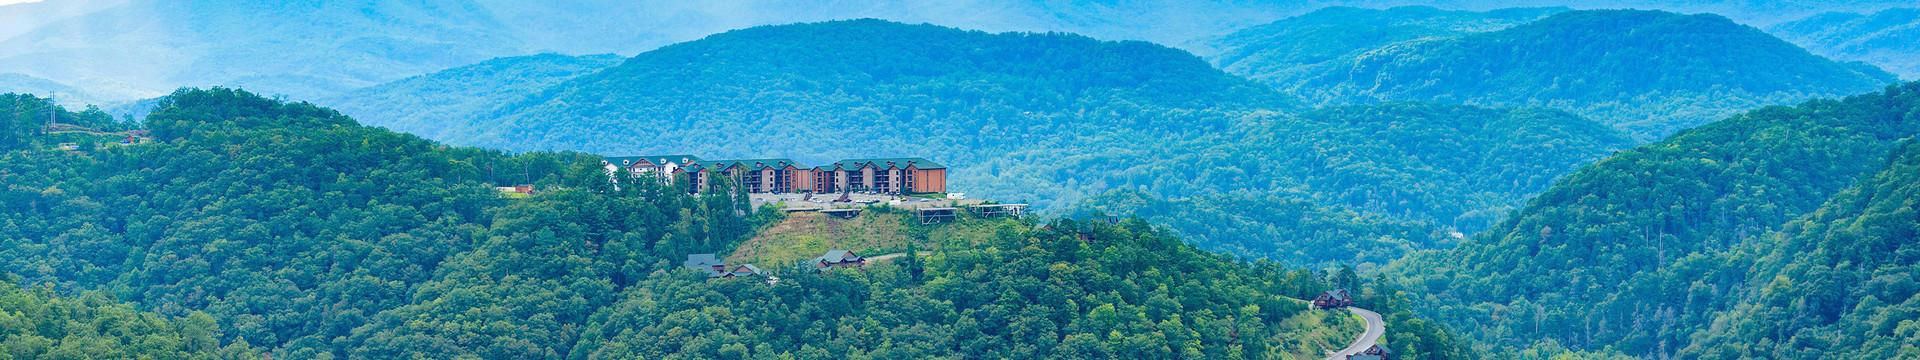 Gatlinburg Resort near the Smoky Mountains | Mountain View